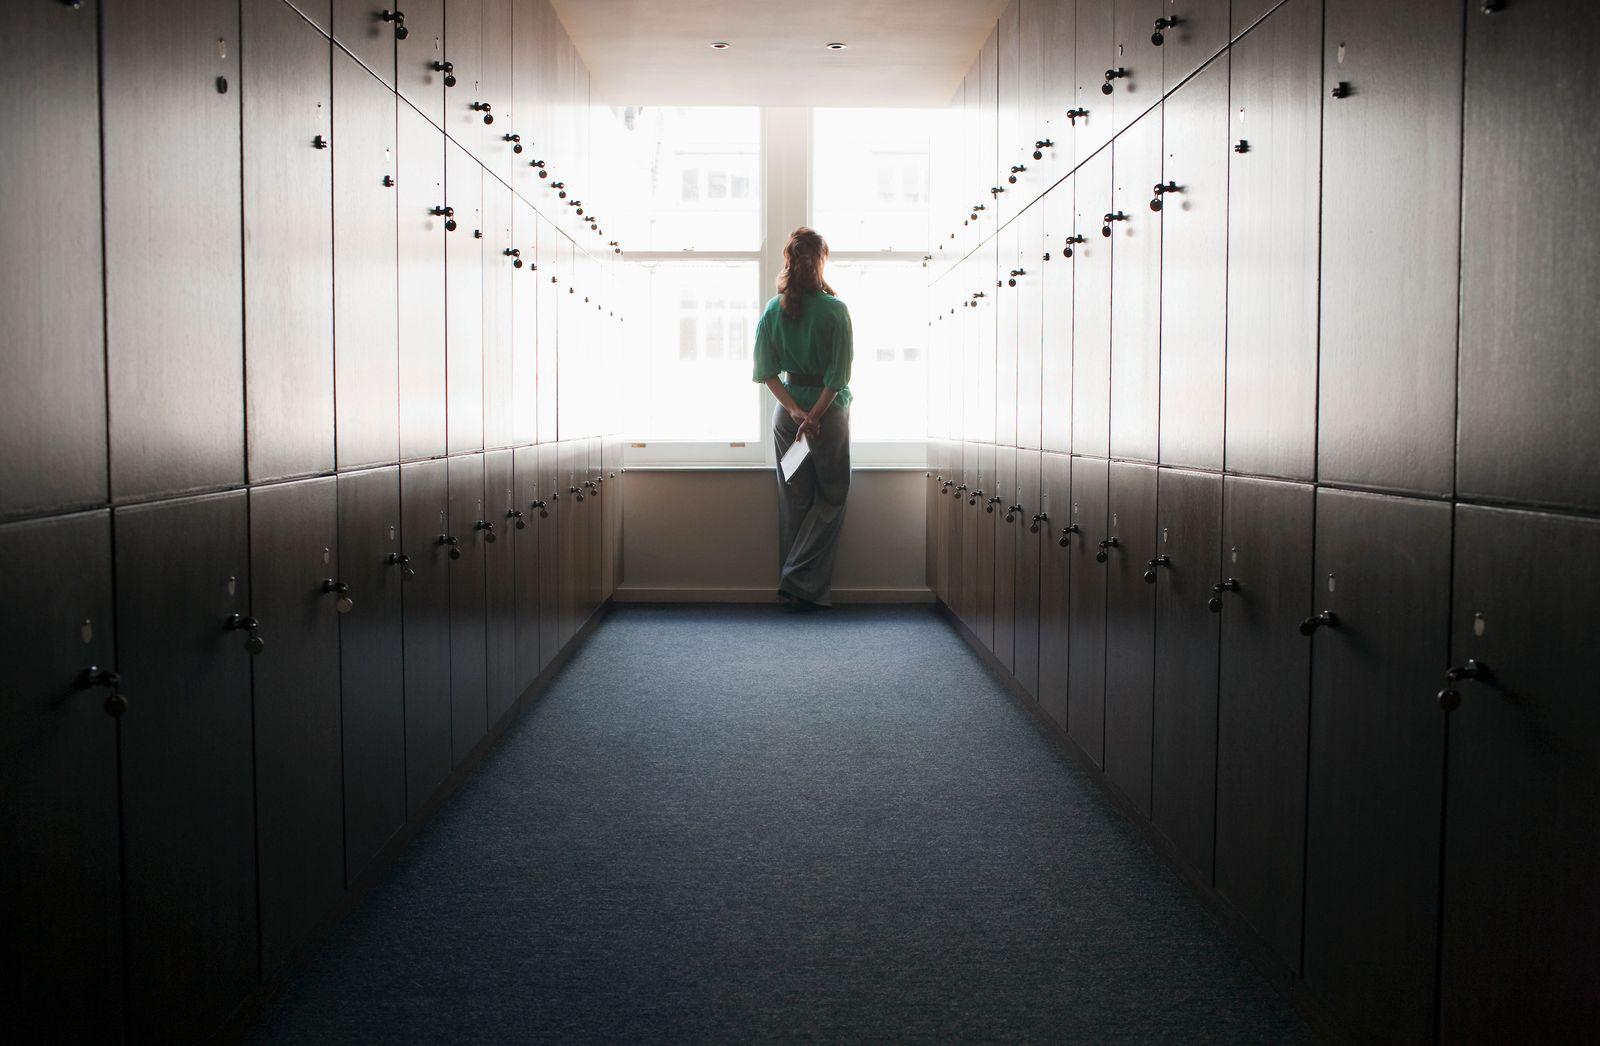 Women in a locker room